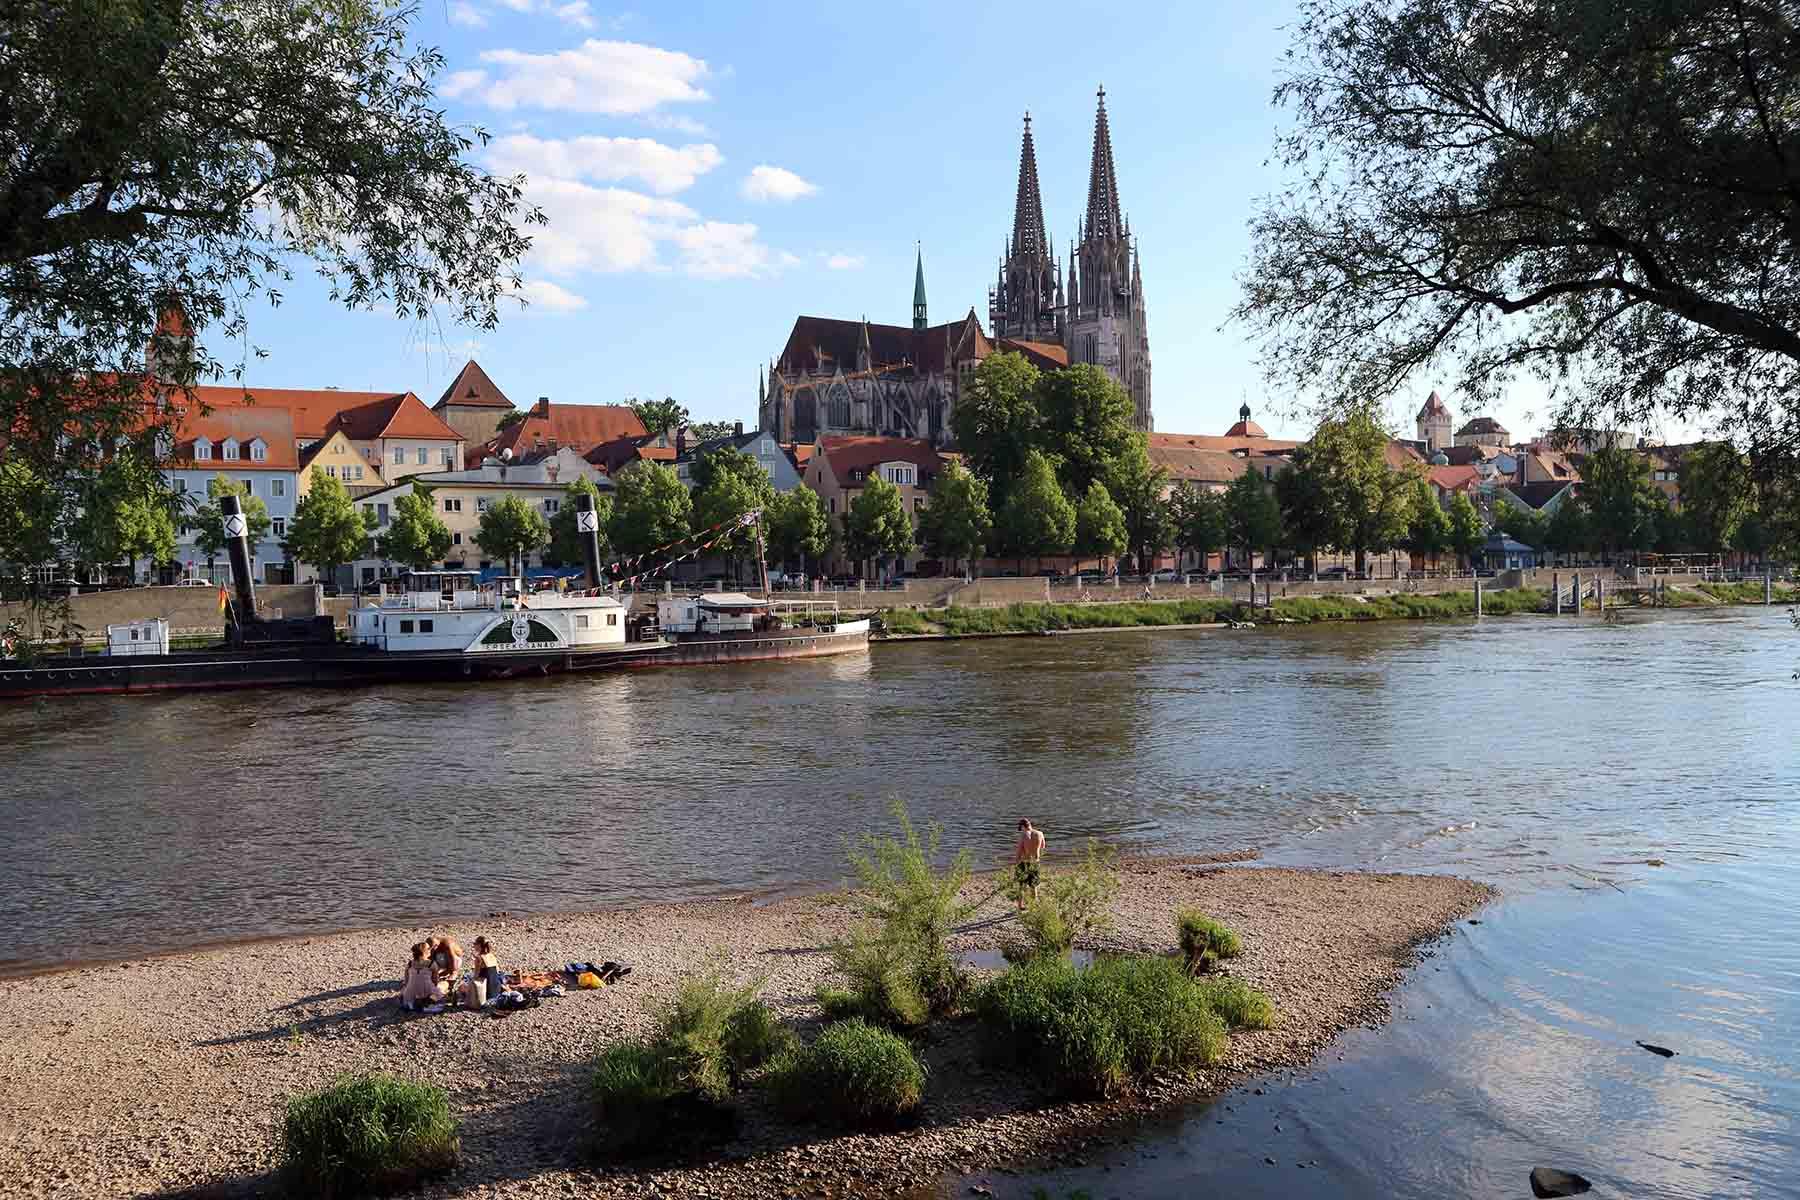 """Donauinsel.  Die Untere Wöhrd (früher """"Unteres Wehr"""") ist eine Donauer Flussinsel. Die Insel ist die östliche der beiden Donau-Inseln in Regensburg."""